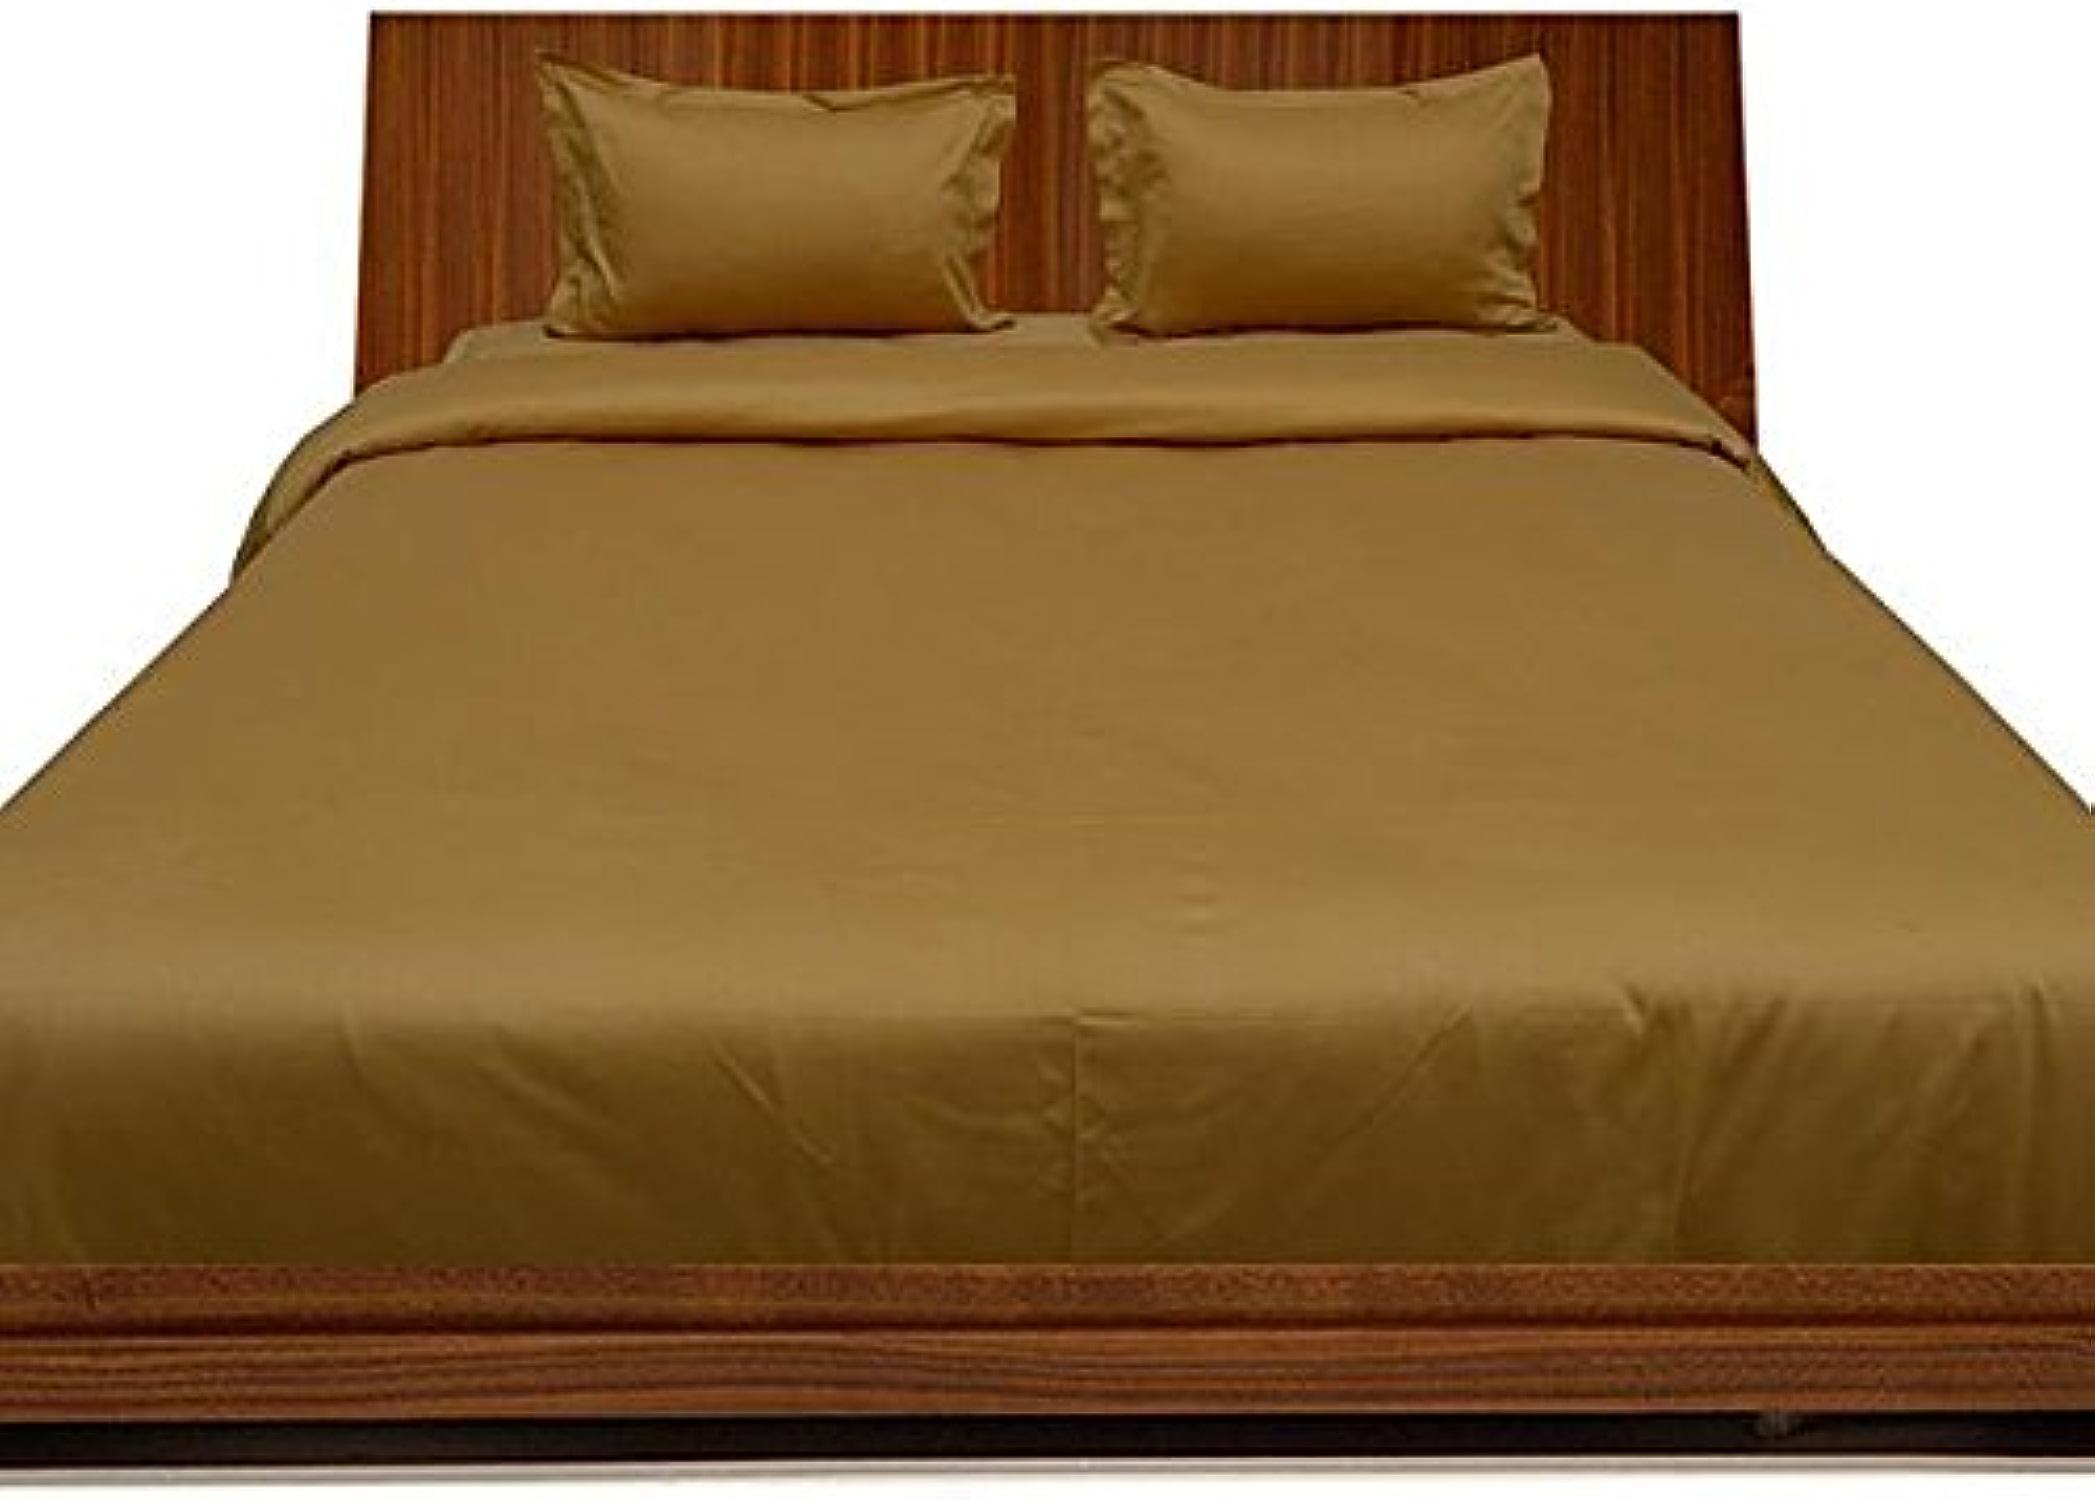 Linge de lit en coton égypcravaten 600 fils cm2, 46 cm, Ensemble de draps de gousset avec taie d'oreiller-Simple solide or 600TC 100%  coton